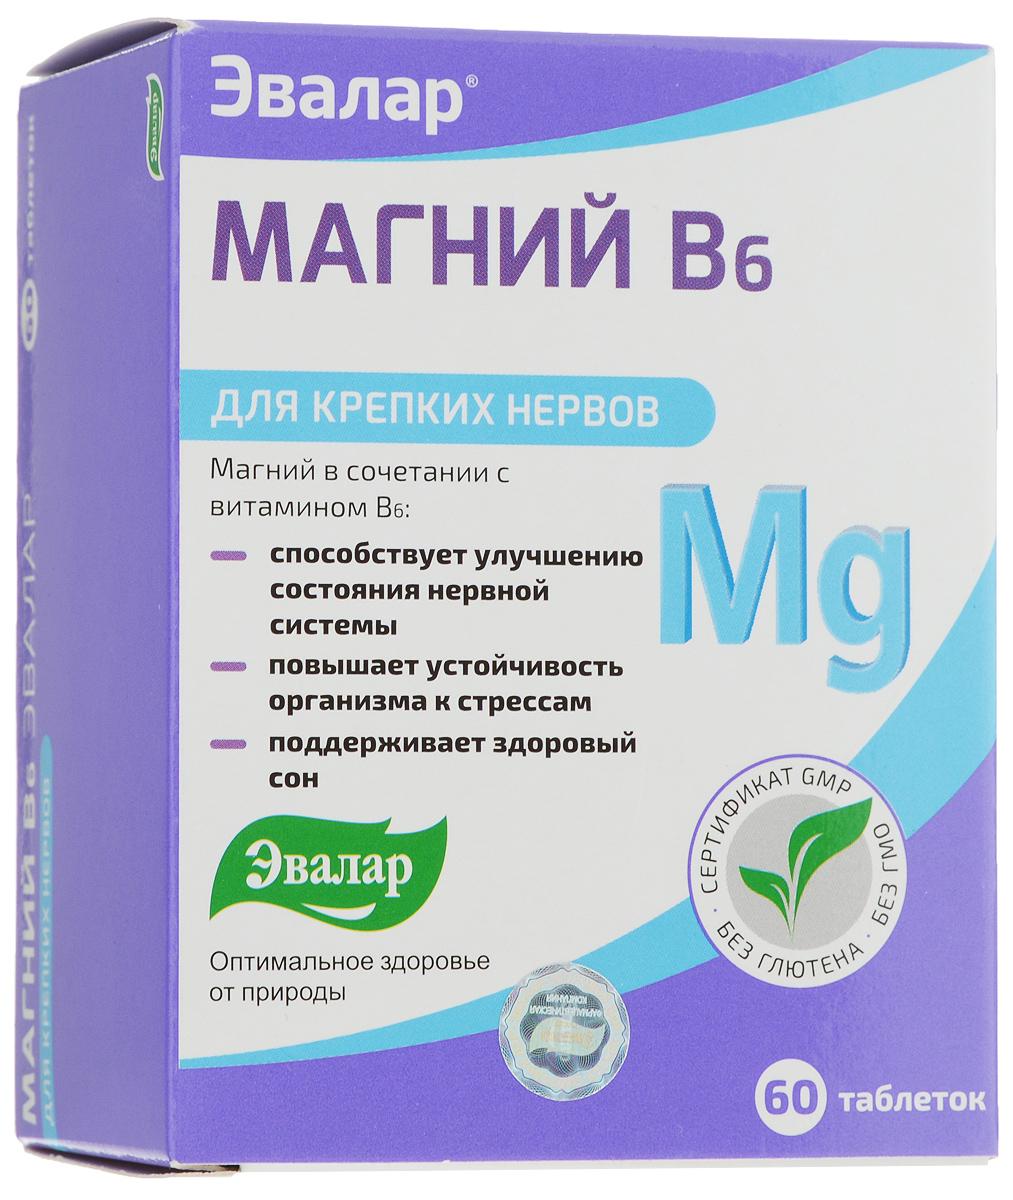 Магний В6 Эвалар, для крепких нервов, 60 таблеток2218Магний в сочетании с витамином В6 способствует улучшению состояния нервной системы, повышает устойчивость организма к стрессам, поддерживает здоровый сон. Магний является жизненно важным макроэлементом. В стрессовых ситуациях организм теряет значительное количество ионов магния, в связи с чем его дополнительный прием защищает организм от последствий стресса. Магний поддерживает клеточный иммунитет, учувствует в регуляции обмена веществ, способствует правильному распределению кальция в организме, снятию мышечных спазмов и судорог. Витамин В6 улучшает усвоение магния и его метаболизм в клетке, обладает способностью фиксировать магний в клетке, что очень важно, поскольку макроэлемент быстро выводится из организма. Рекомендации по применению: Взрослым по 2 таблетки 3 раза в день во время еды. Продолжительность приема - не менее 1 месяца. Состав: магния аспарагинат, мальтодекстрин, целлюлоза микрокристаллическая (наполнитель), поливинилпирролидон и кроскарамеллоза (носители), диоксид кремния аморфный, стеарат кальция и стеариновая кислота растительного происхождения (антислеживающие добавки), крахмал кукурузный (наполнитель), пиридоксина гидрохлорид; компоненты пленочного покрытия: гидроксипропилметилцеллюлоза, глицерин. Товар не является лекарственным средством. Товар не рекомендован для лиц младше 18 лет. Могут быть противопоказания, и следует предварительно проконсультироваться со специалистом. Товар сертифицирован.